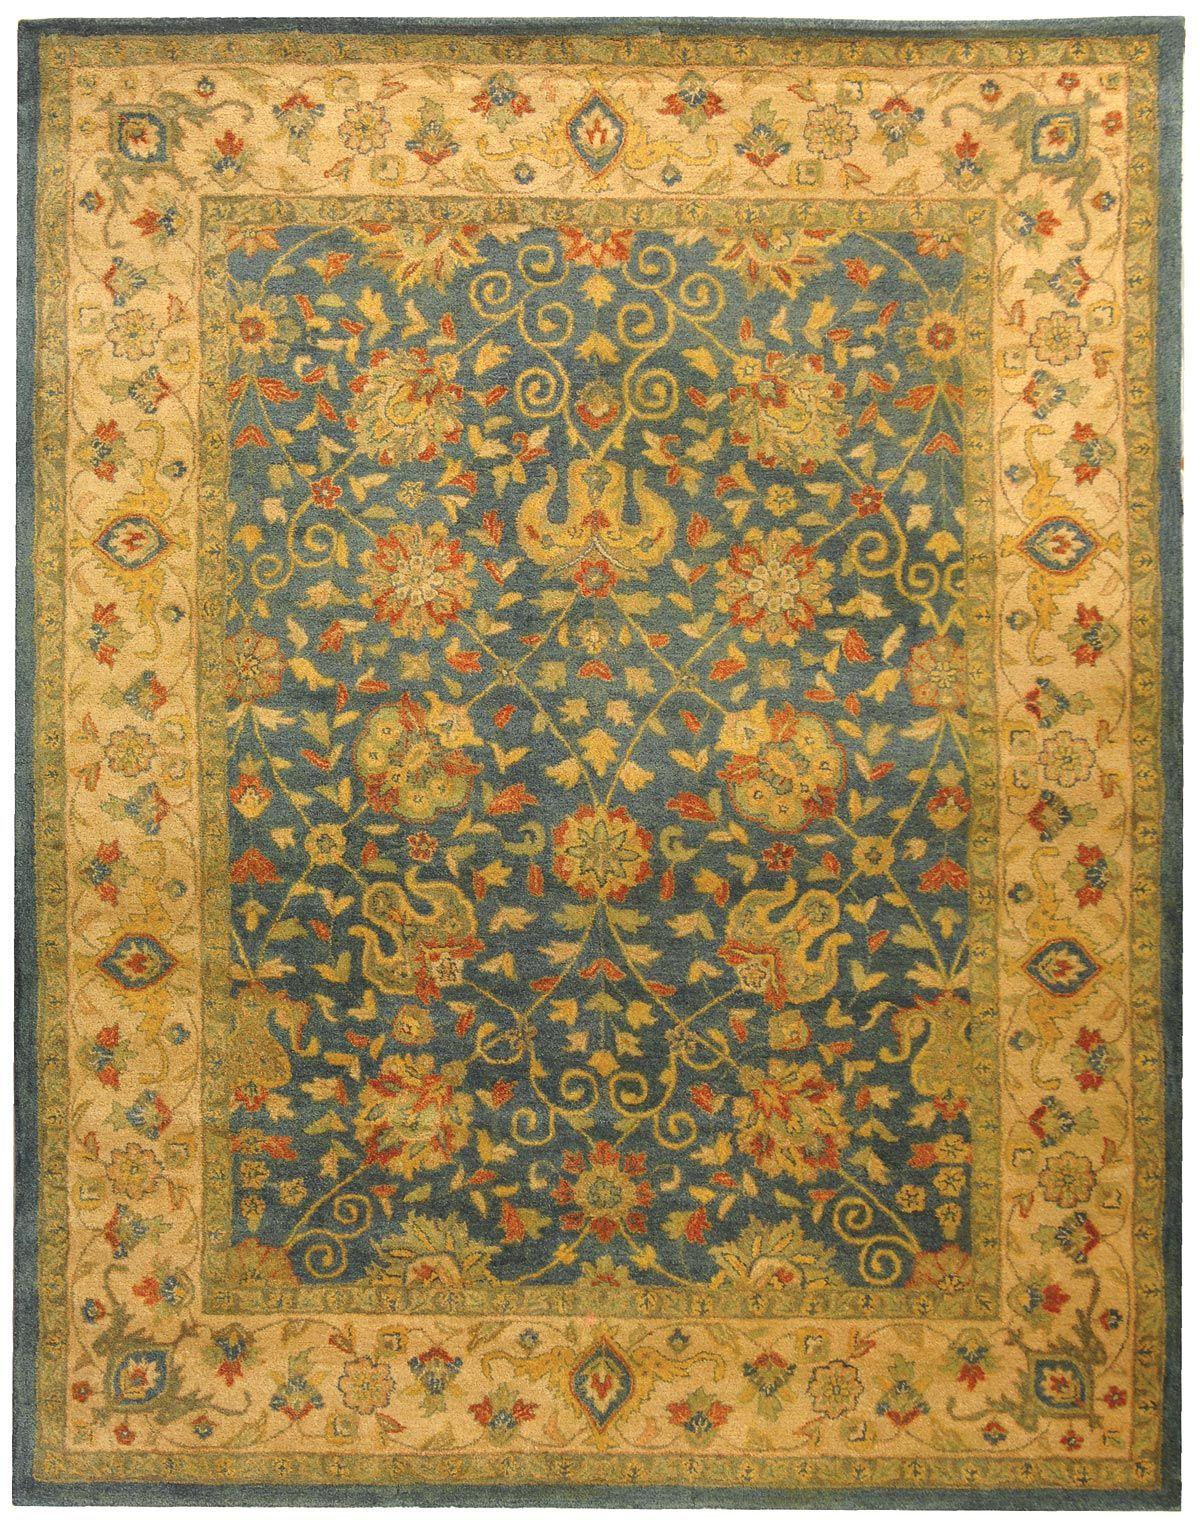 Rug AT21E - Safavieh Rugs - Antiquities Rugs - Wool Rugs - Area Rugs - Runner Rugs